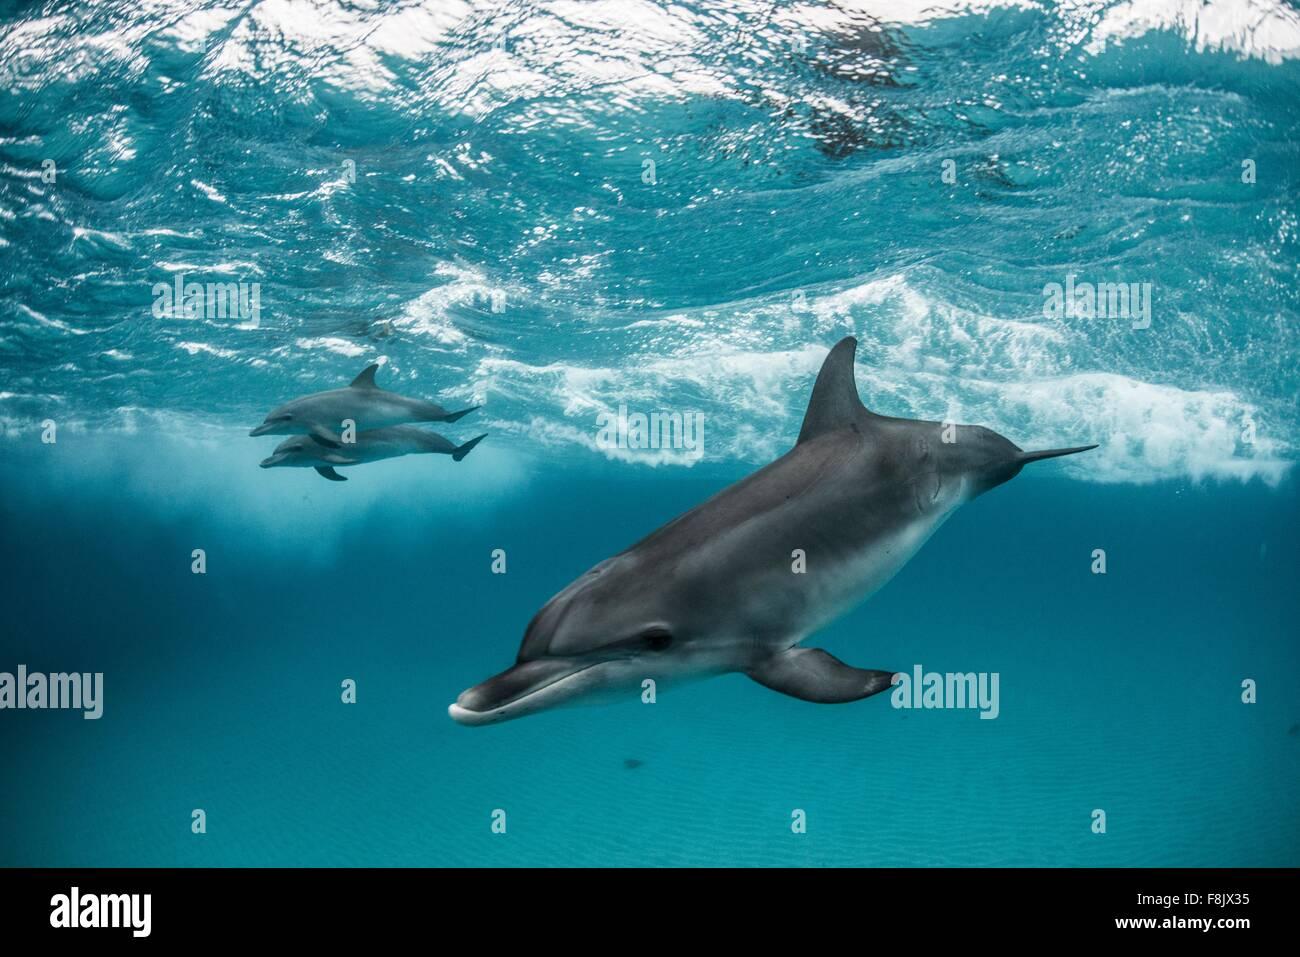 Les dauphins tachetés de l'Atlantique surf sur les vagues, looking at camera, Nord des Bahamas Banques, Photo Stock